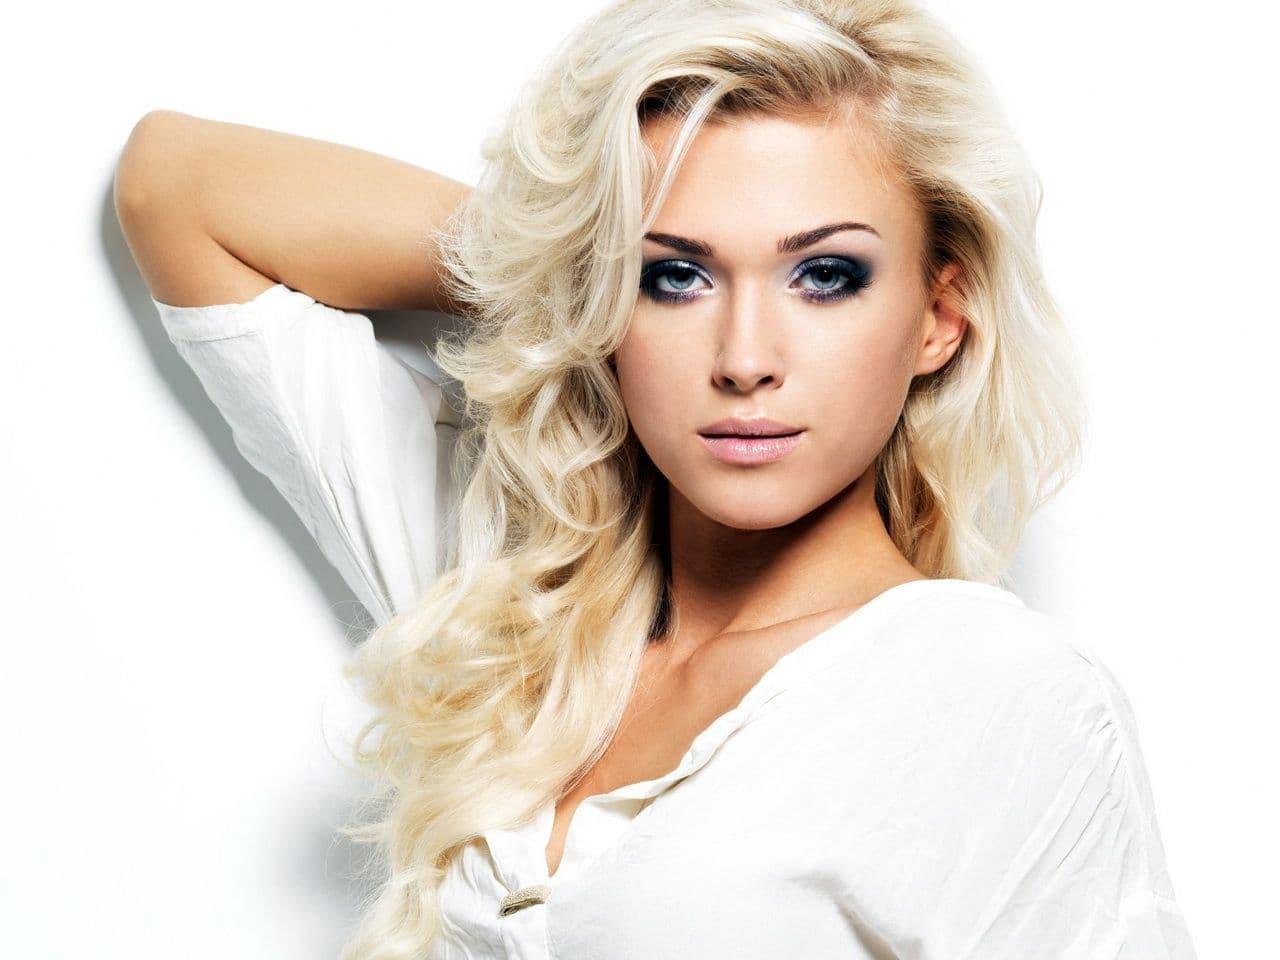 Beautiful perfect nude woman